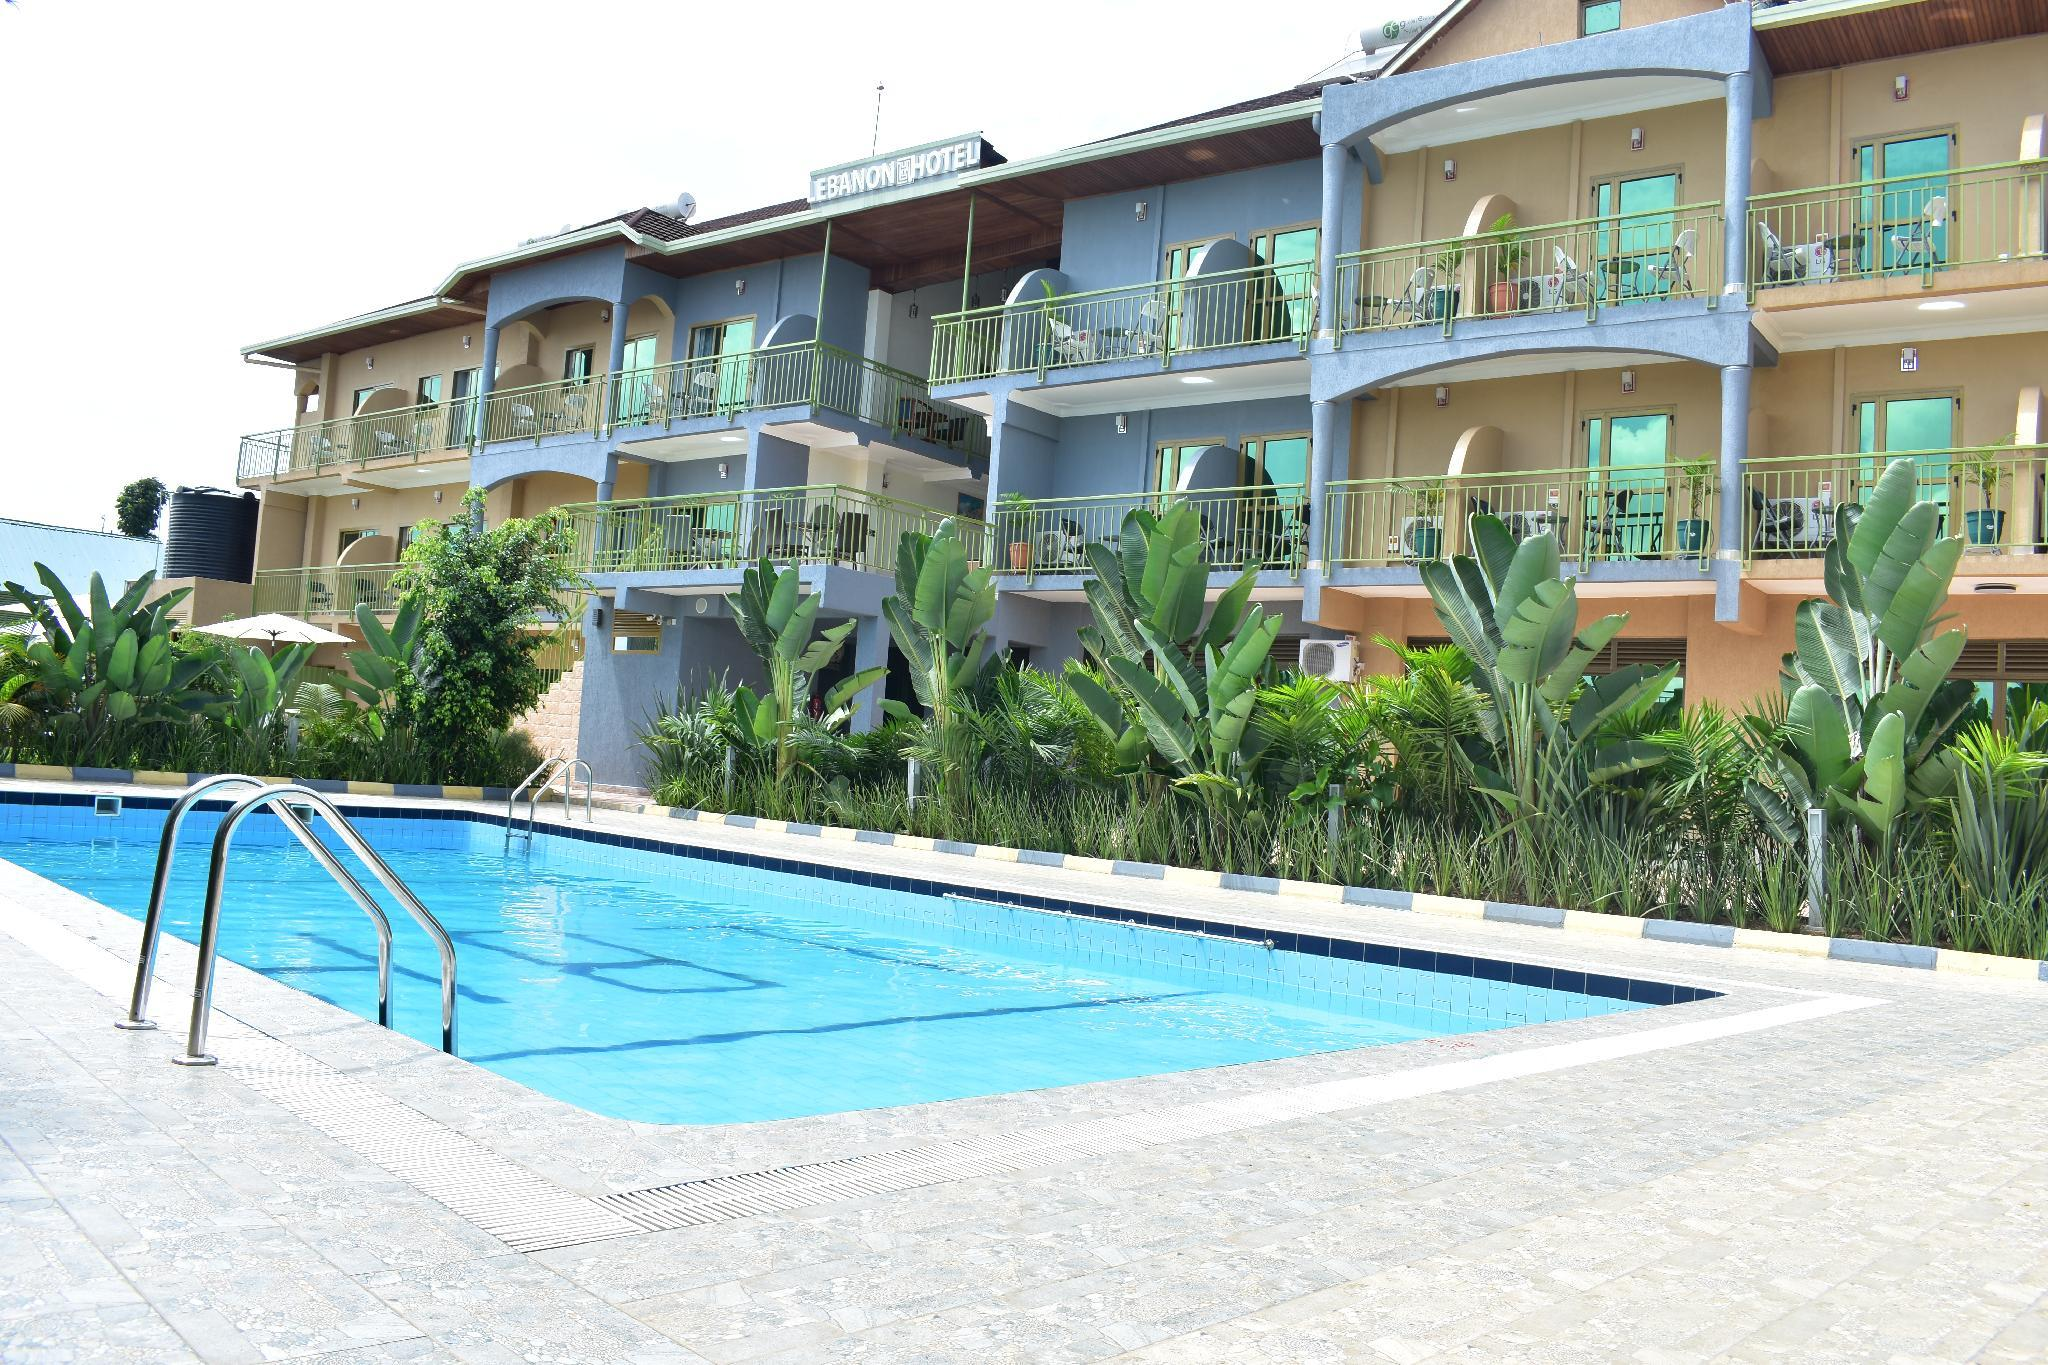 Lebanon Hotel Kigali